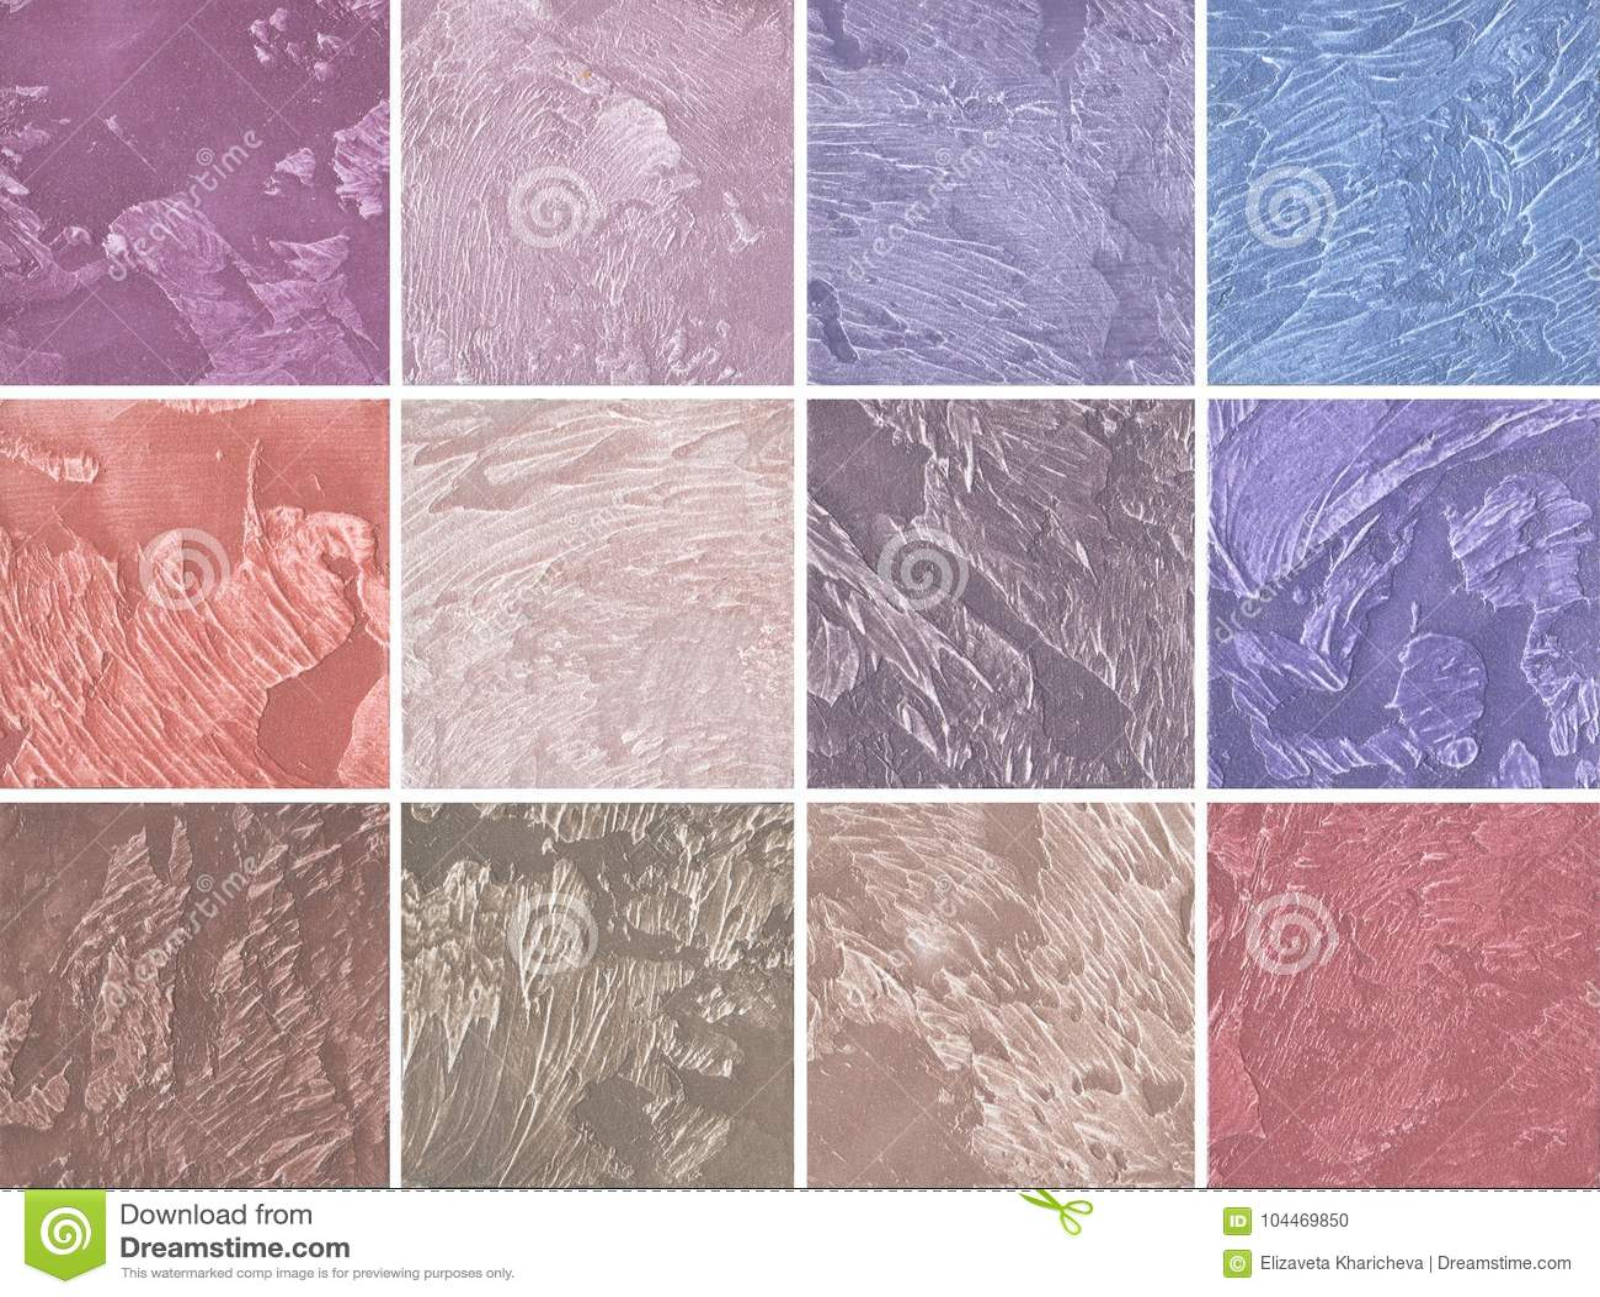 Campioni di rivestimento decorativo per le pareti nel rosa - Rivestimento decorativo pareti ...